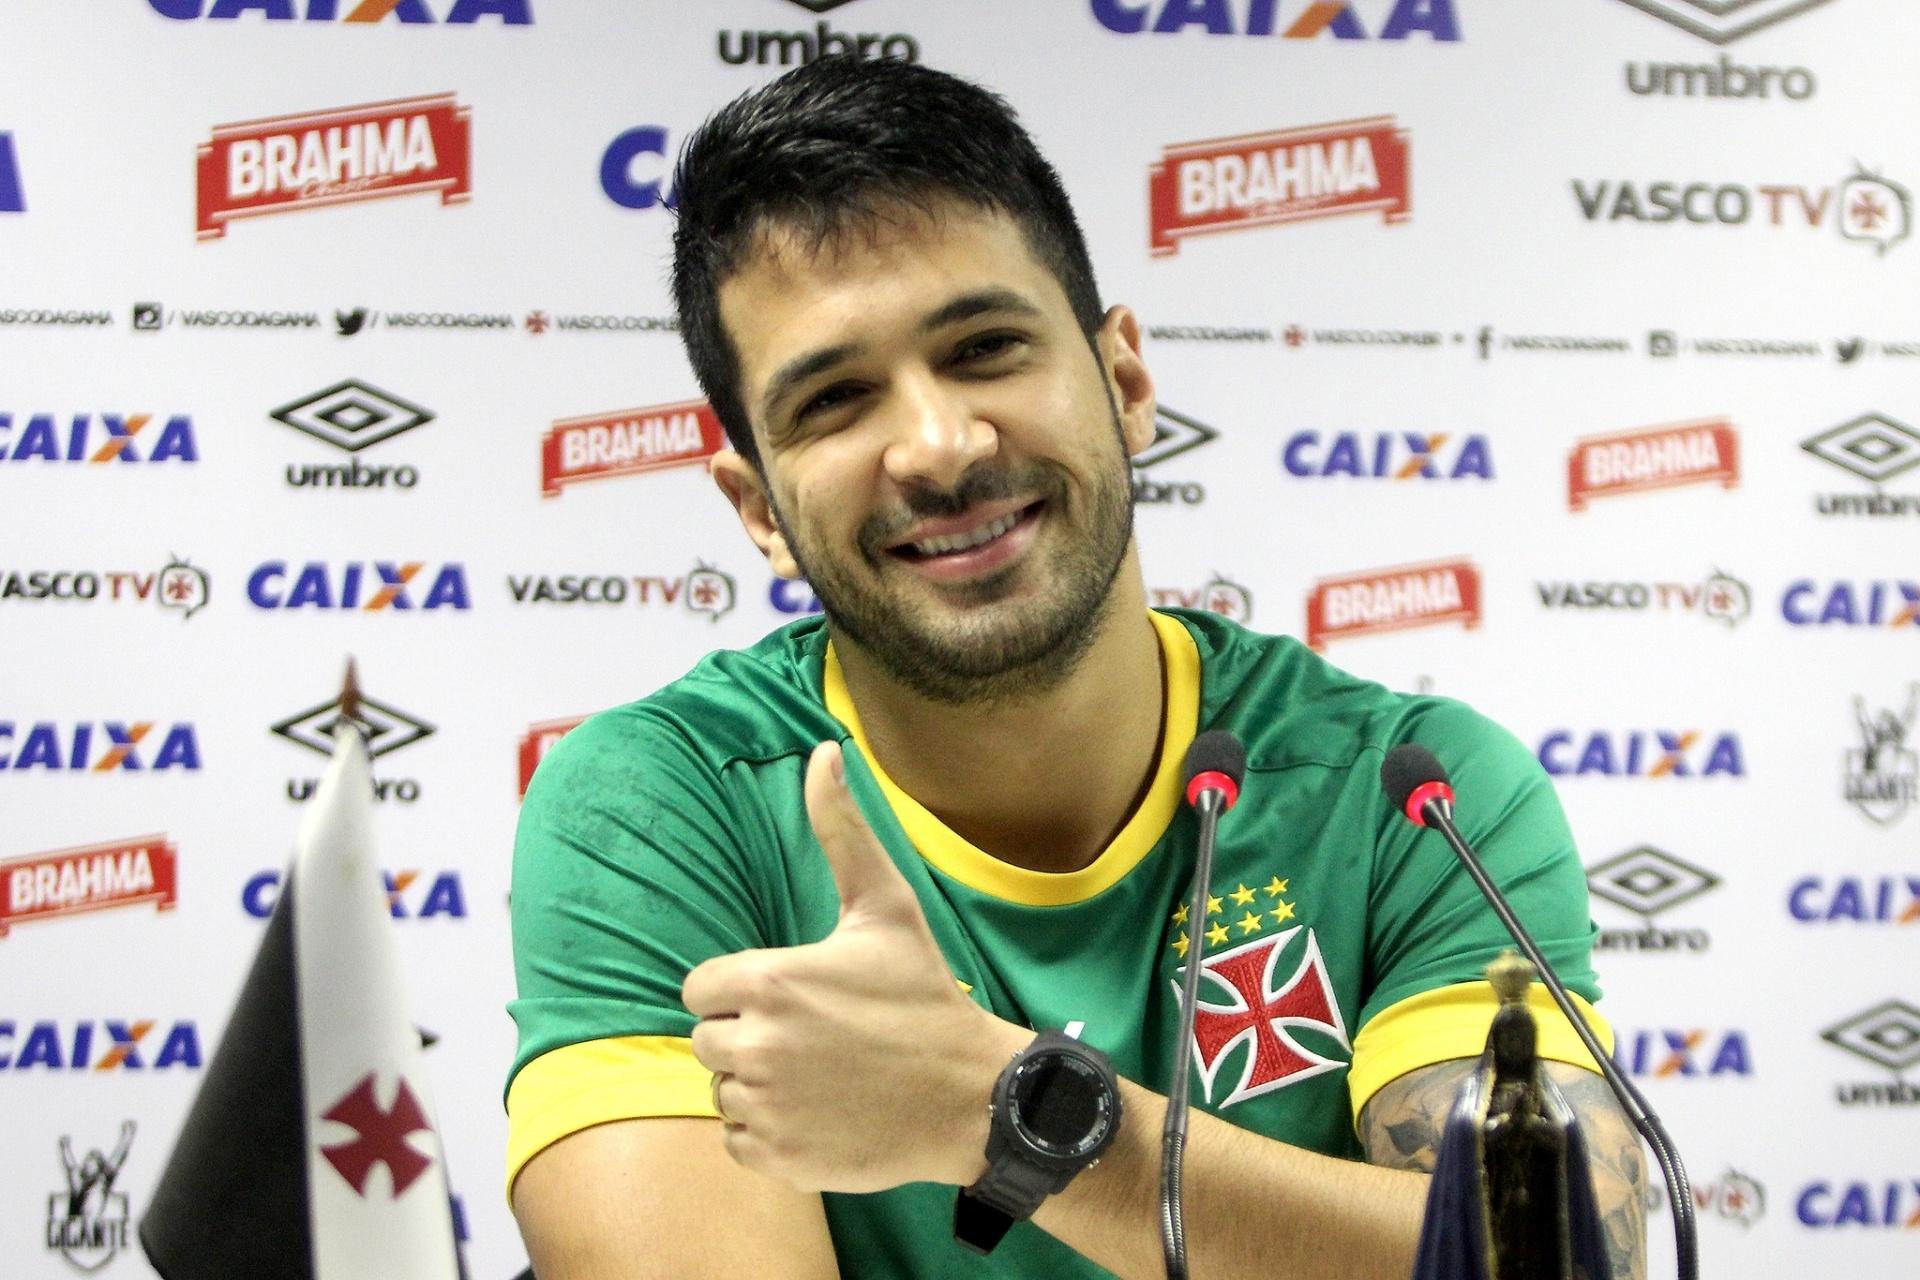 37fe41fac2 Luan chora com convocação e recebe notícia em meio a acupuntura no Vasco -  29 06 2016 - UOL Esporte